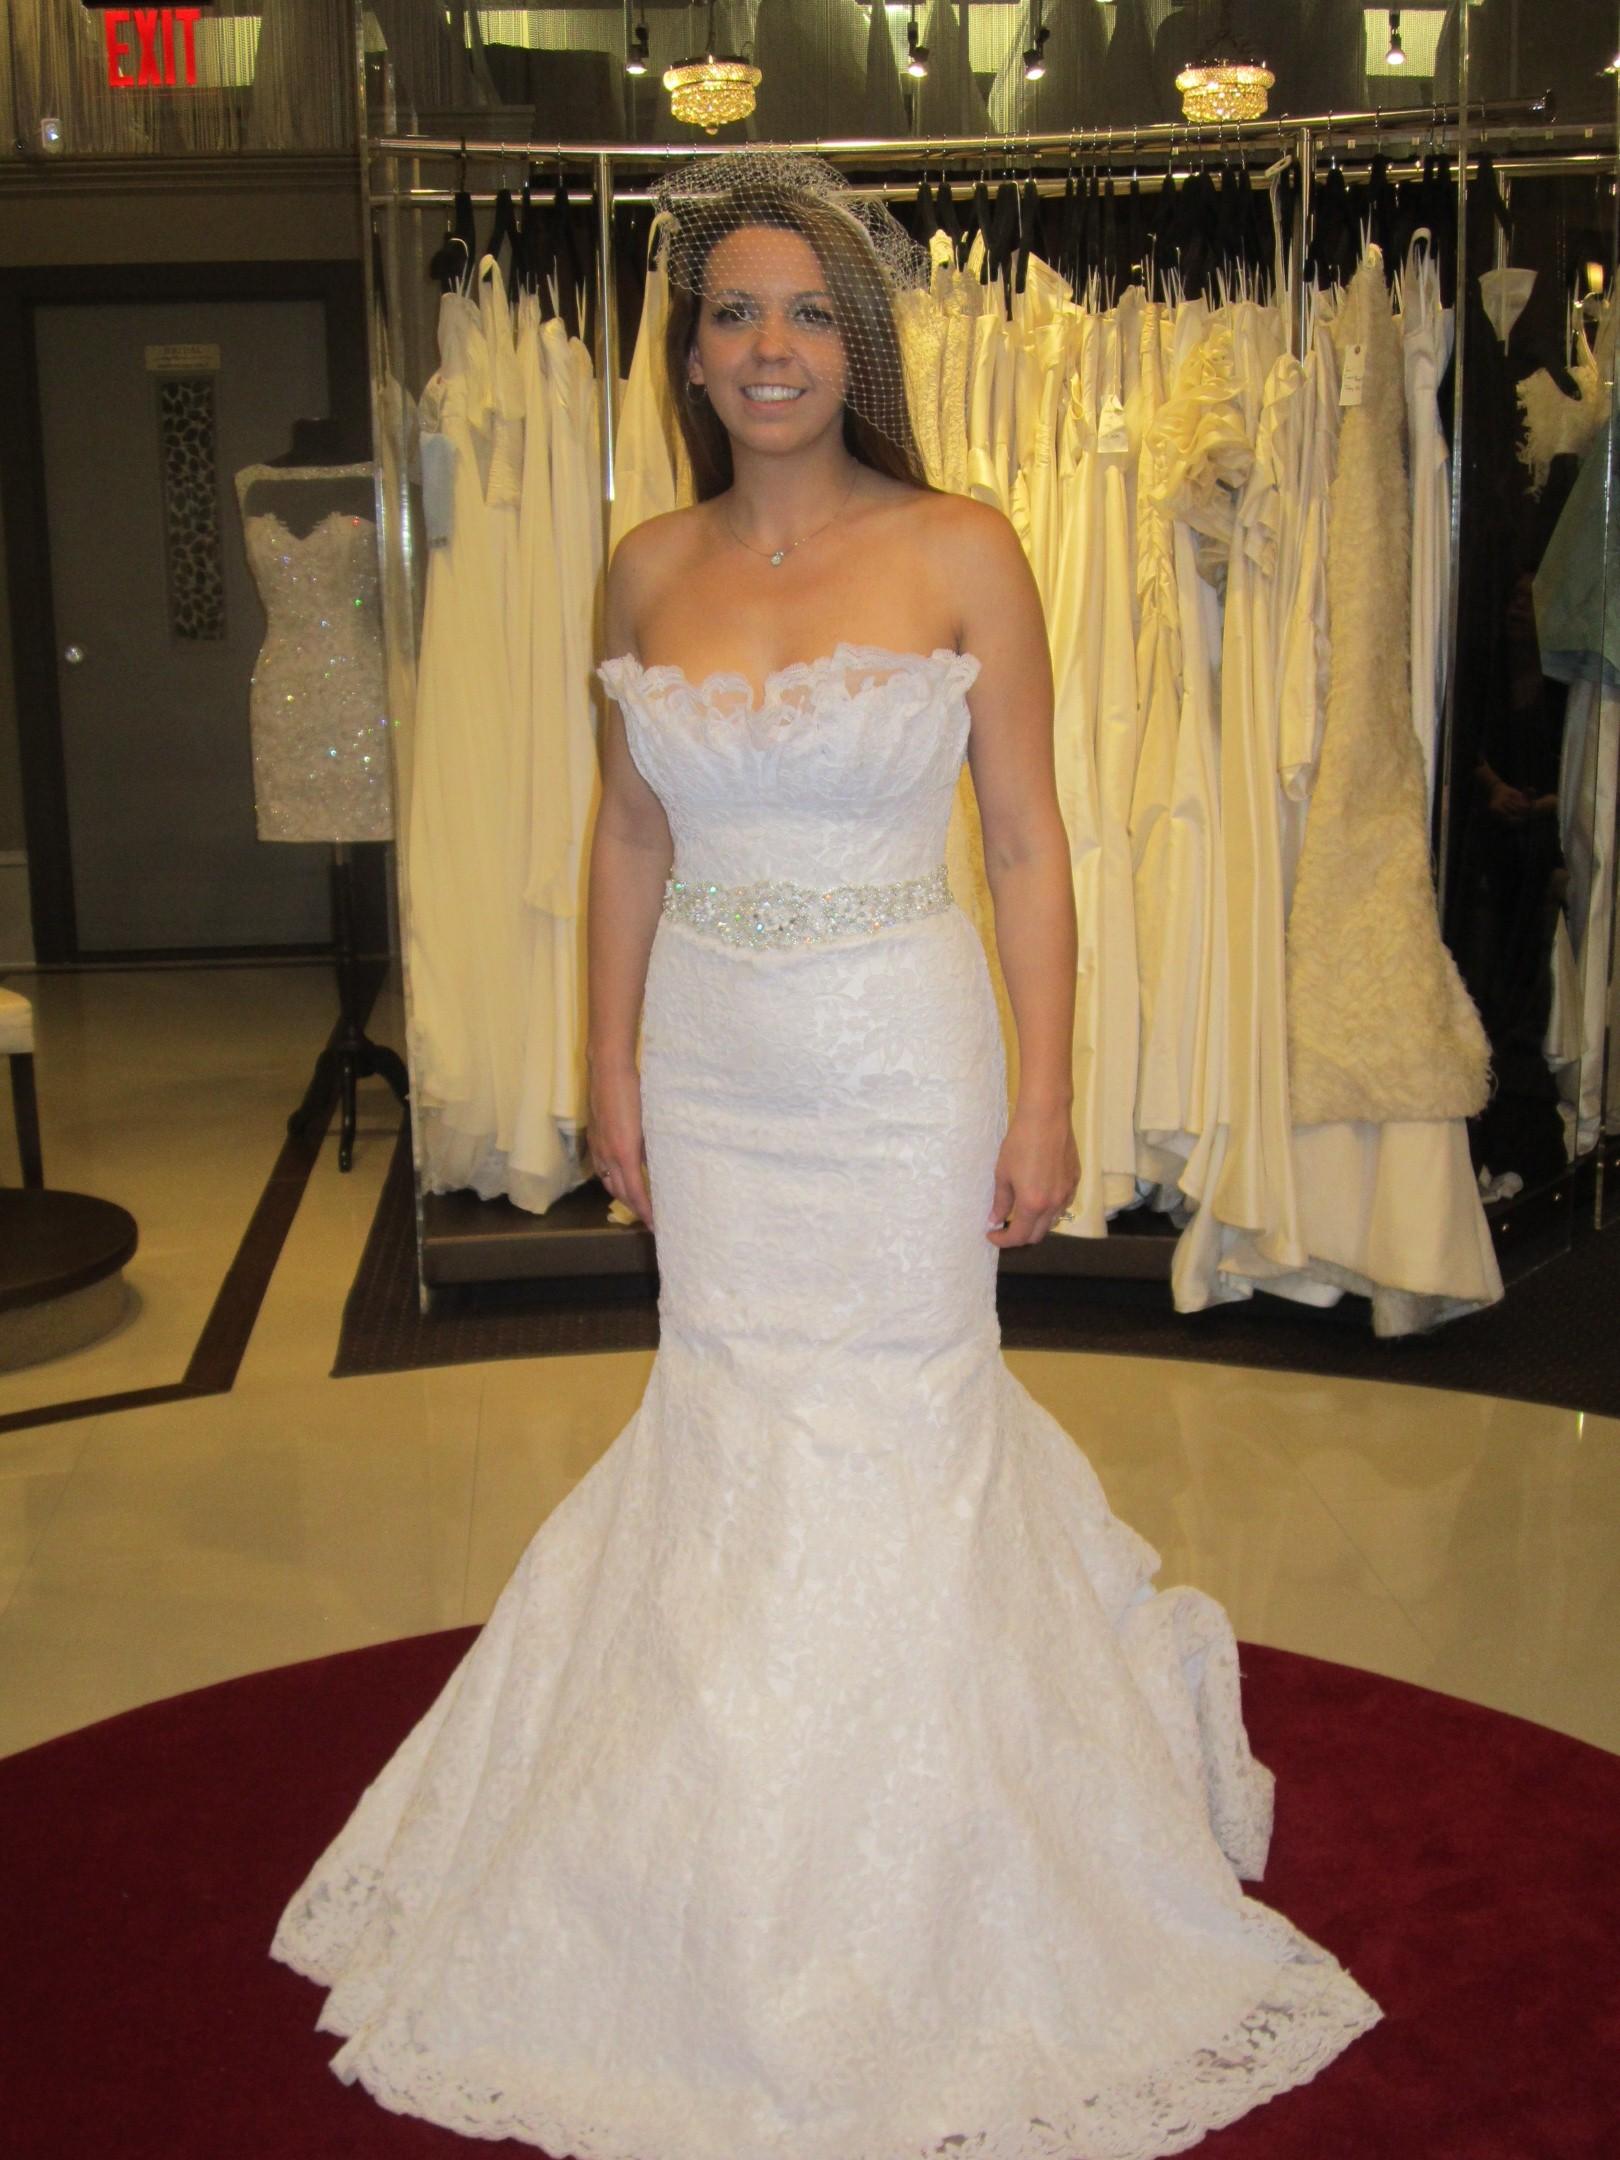 Brides Across America Bride